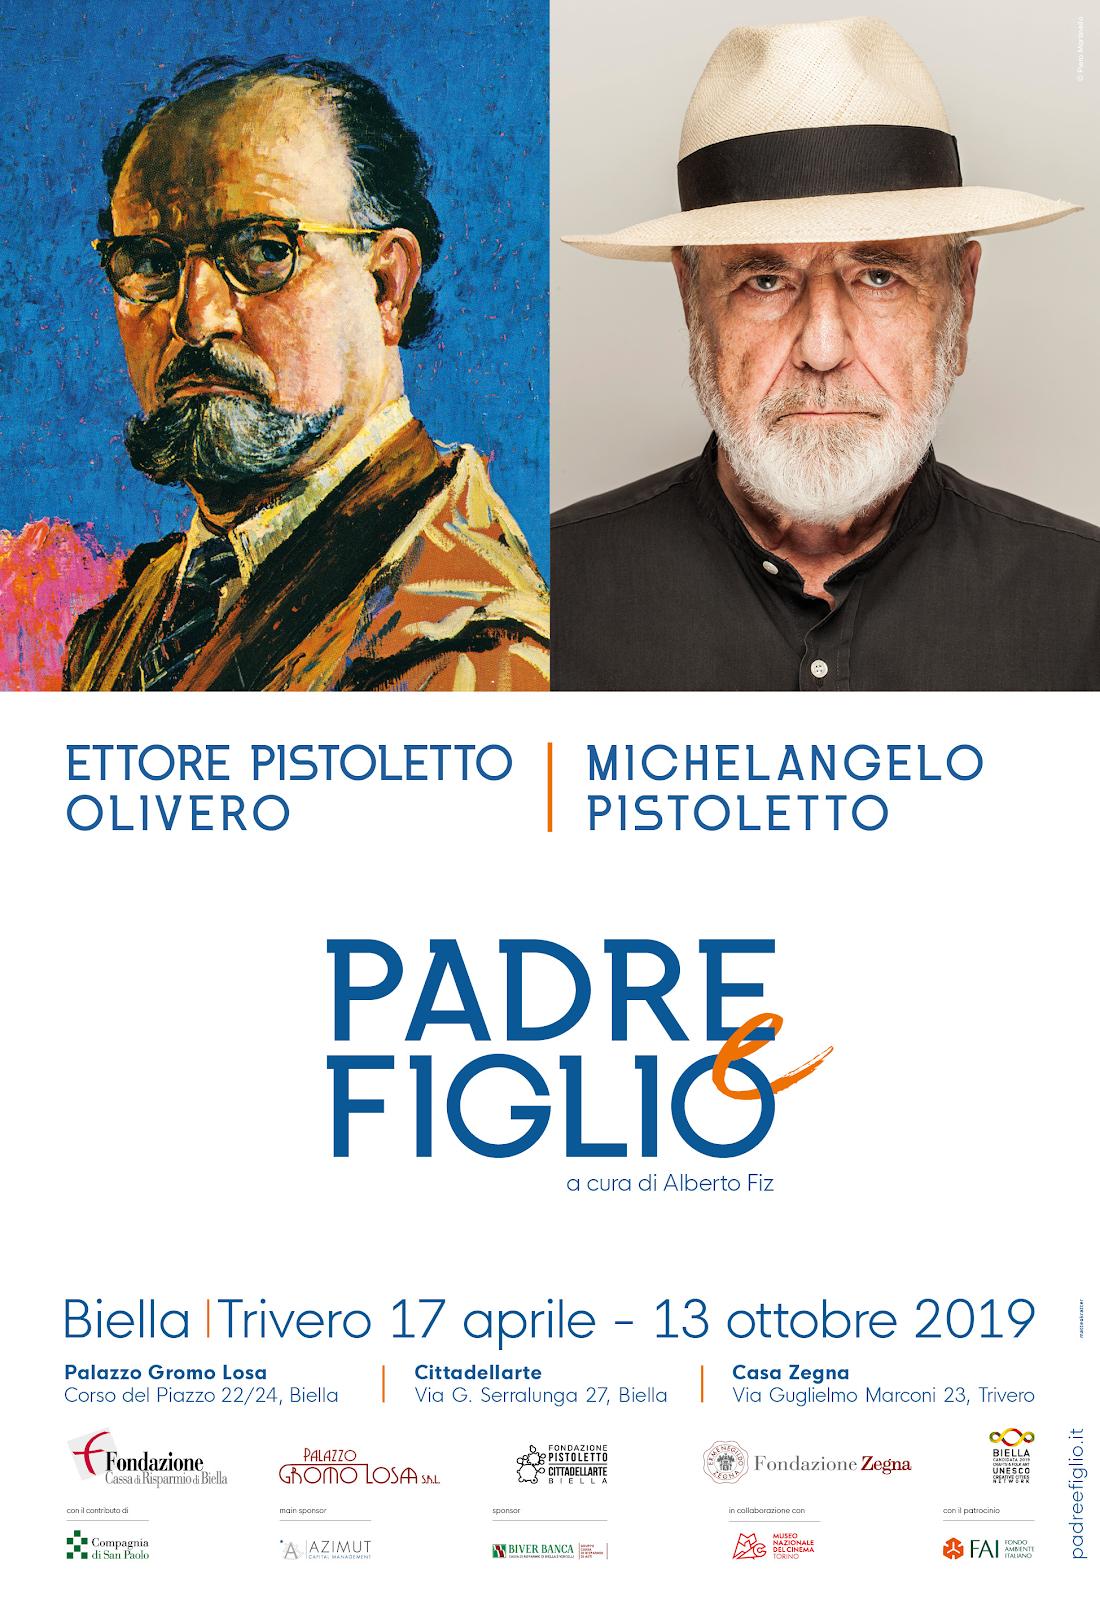 Padre e figlio Pistoletto percorso Biella-Trivero